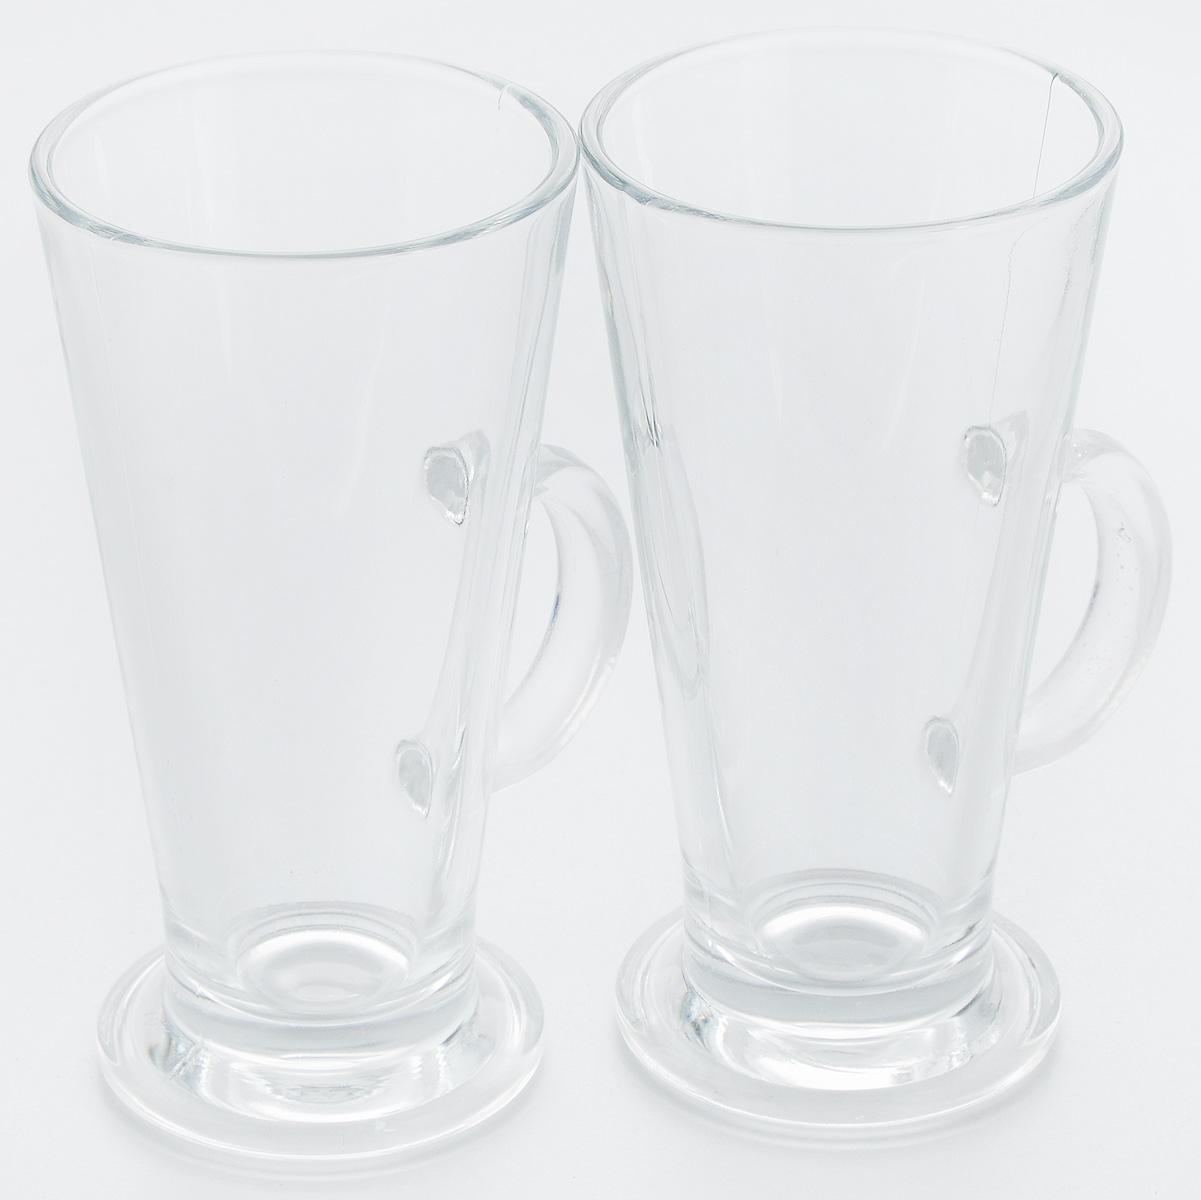 Набор кружек для пива Pasabahce Pub, 260 мл, 2 штVT-1520(SR)Набор Pasabahce Pub состоит из двух кружек, выполненных из прочного натрий-кальций-силикатного стекла. Кружки оснащены ручками и прекрасно подходят для подачи пива. Функциональность, практичность и стильный дизайн сделают набор прекрасным дополнением к вашей коллекции посуды. Можно мыть в посудомоечной машине и использовать в микроволновой печи. Диаметр кружки (по верхнему краю): 7 см.Высота кружки: 14,5 см. Объем: 260 мл.